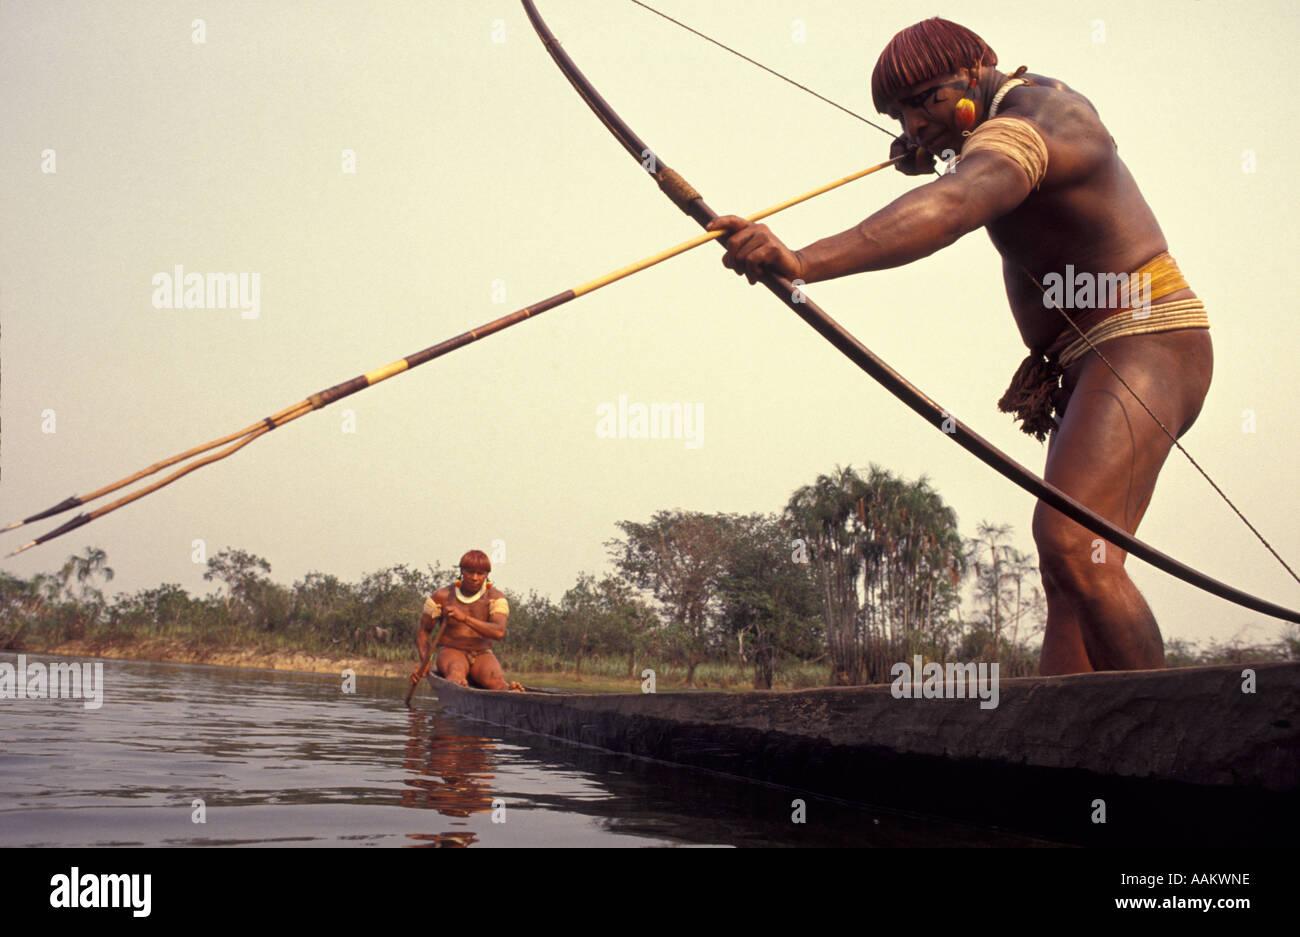 Xingu amazon rainforest brazil yaulapiti indigenous for Videos of people fishing